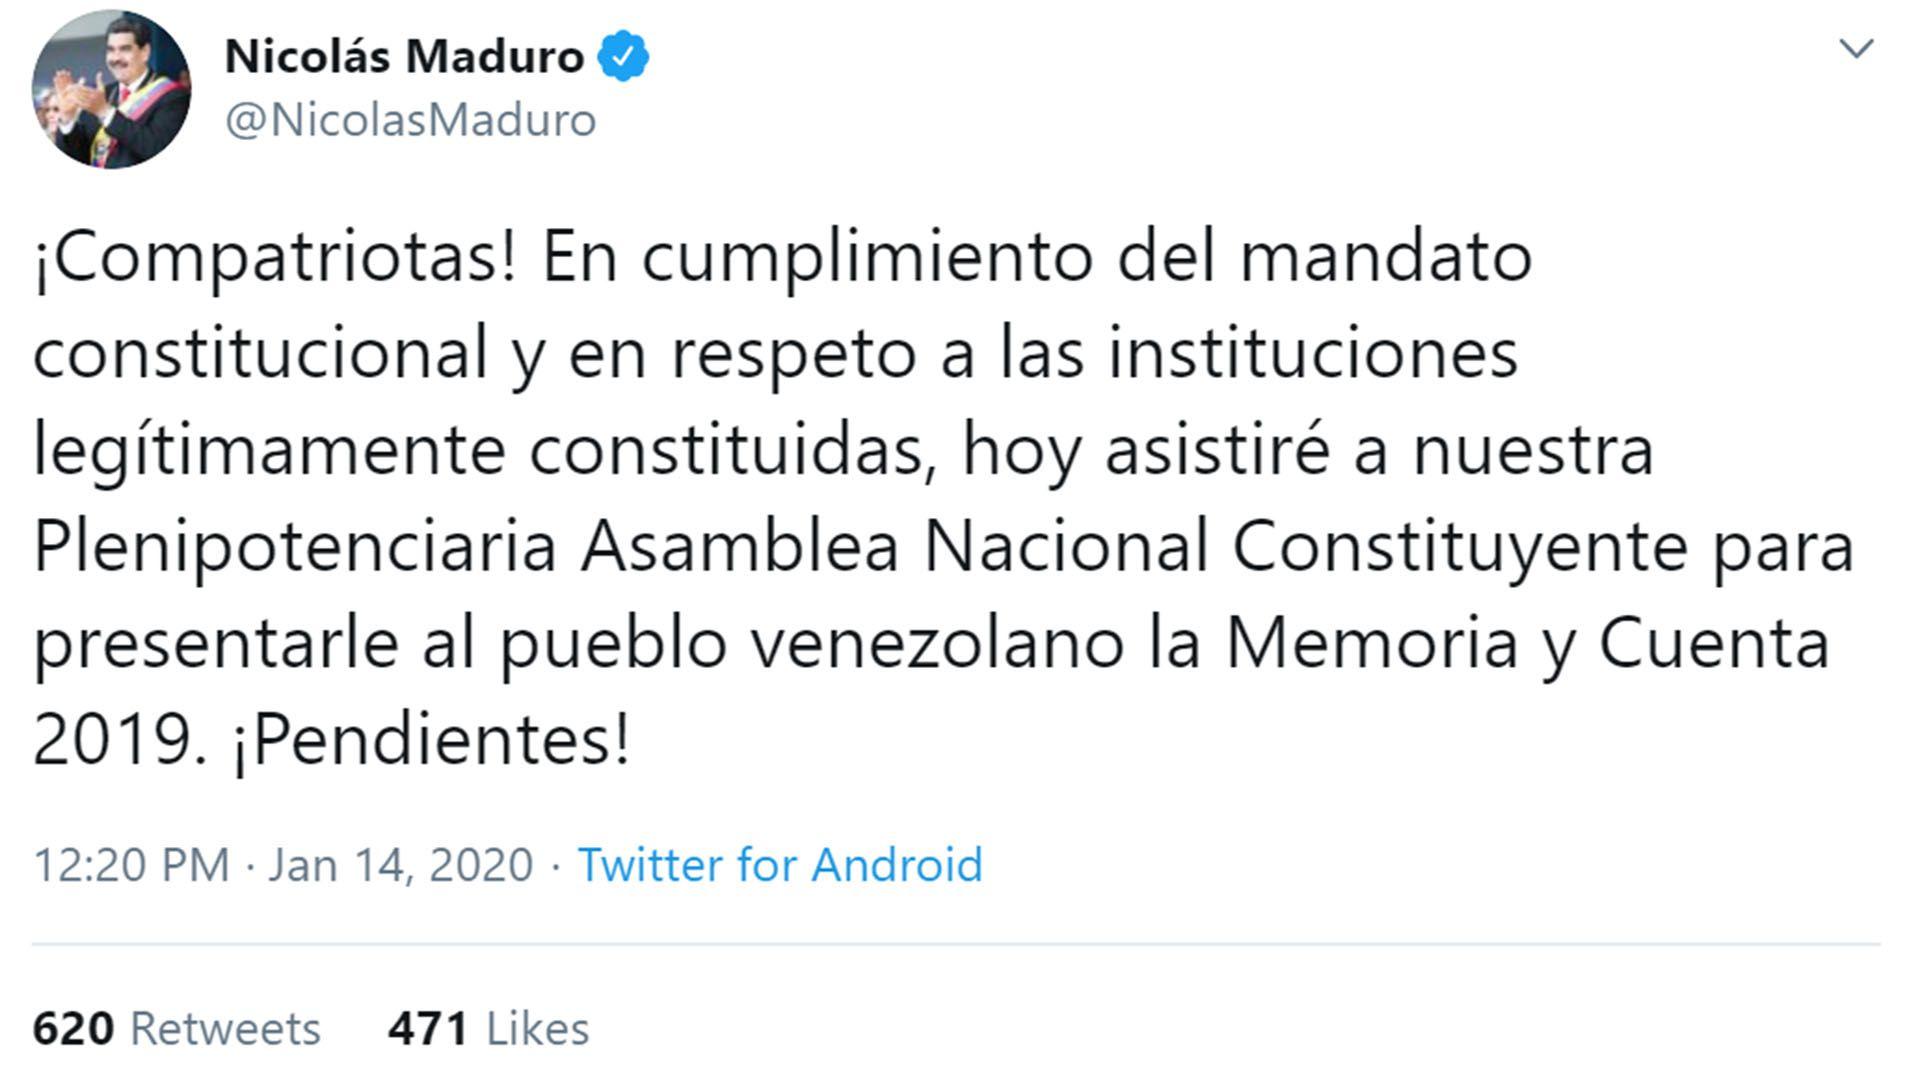 Nicolás Maduro confirmó que hoy presenta la memoria y balance